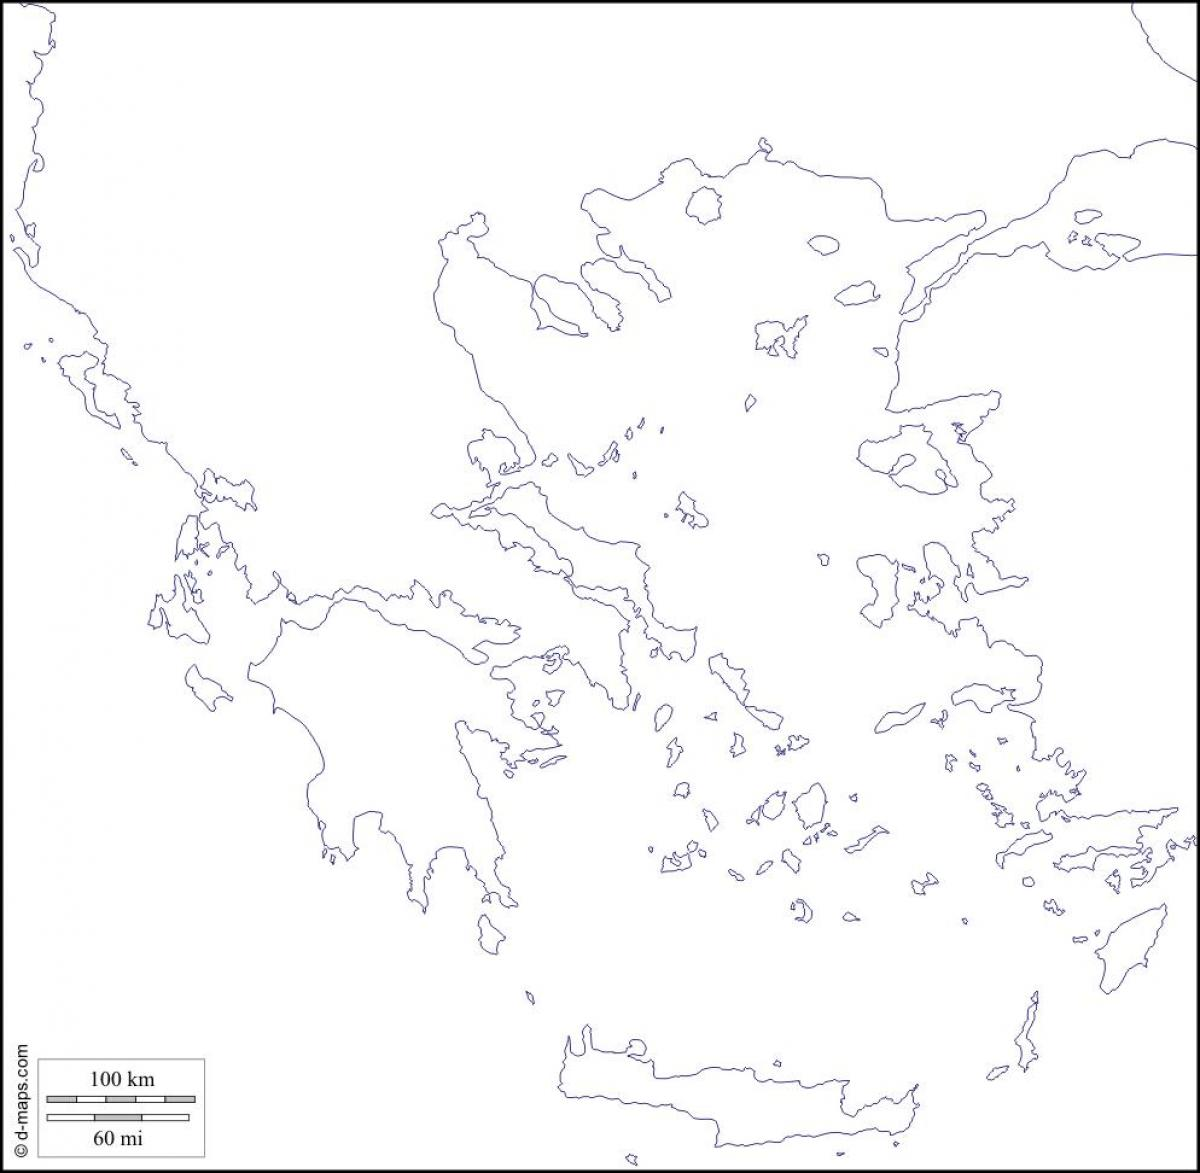 Slepa Mapa Recko Recko Prazdne Mape Jizni Evropa Evropa